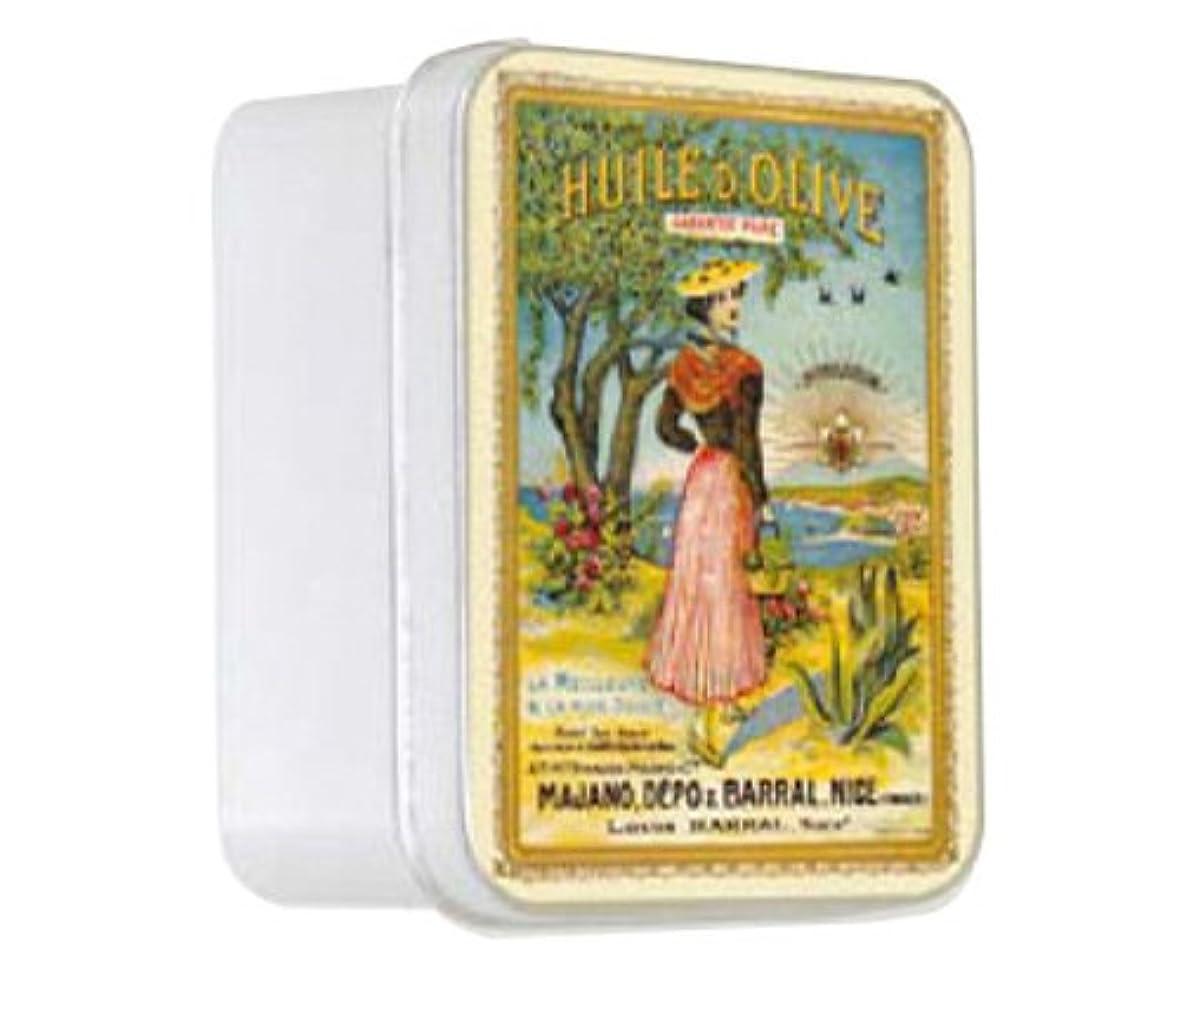 ジーンズ穿孔する疎外ルブランソープ メタルボックス(ラ ニソワーズ?オリーブの香り)石鹸